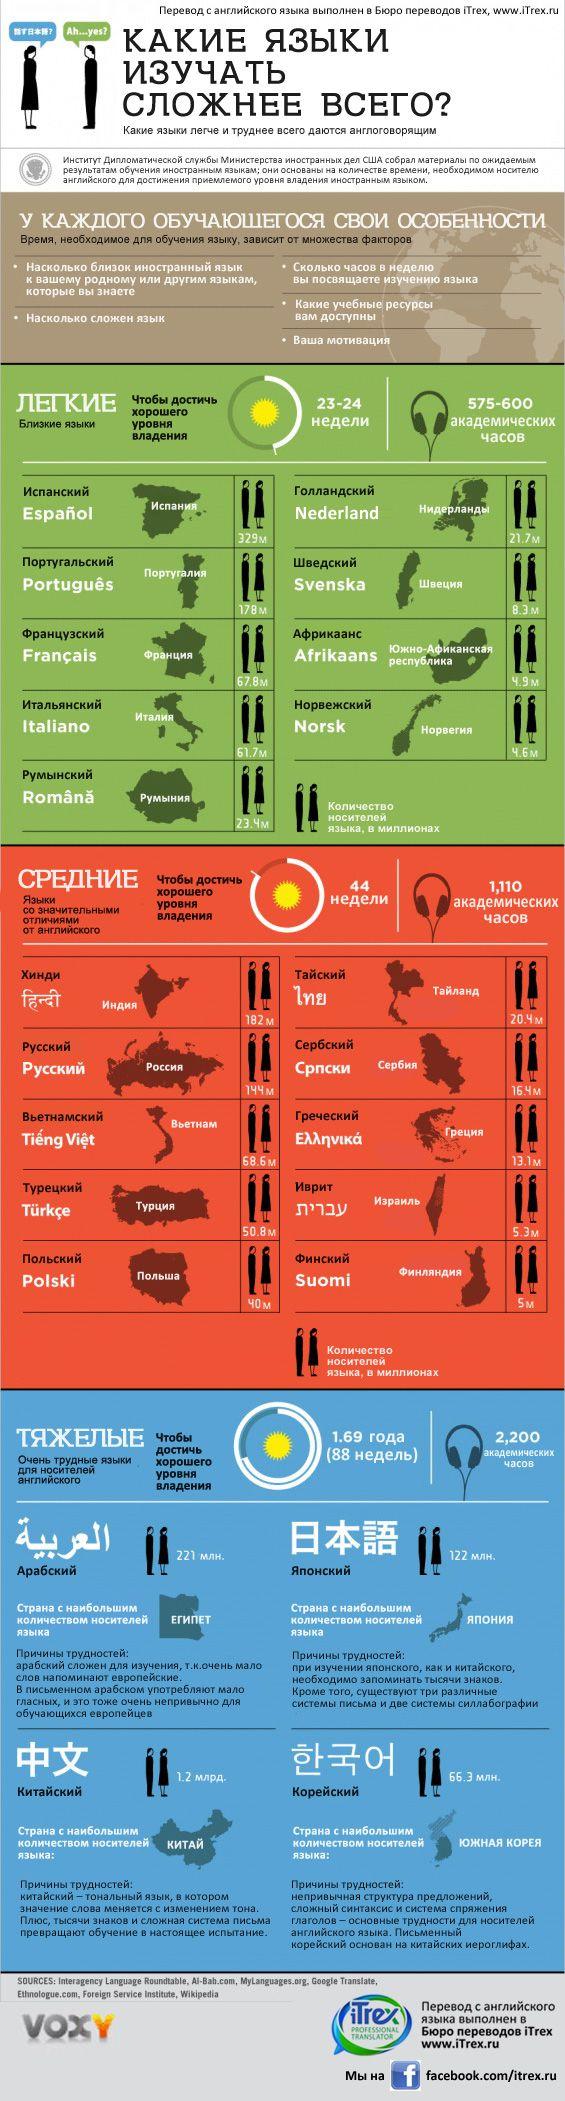 Бюро переводов iTrex. Перевод инфографики: какие языки изучать сложнее всего?